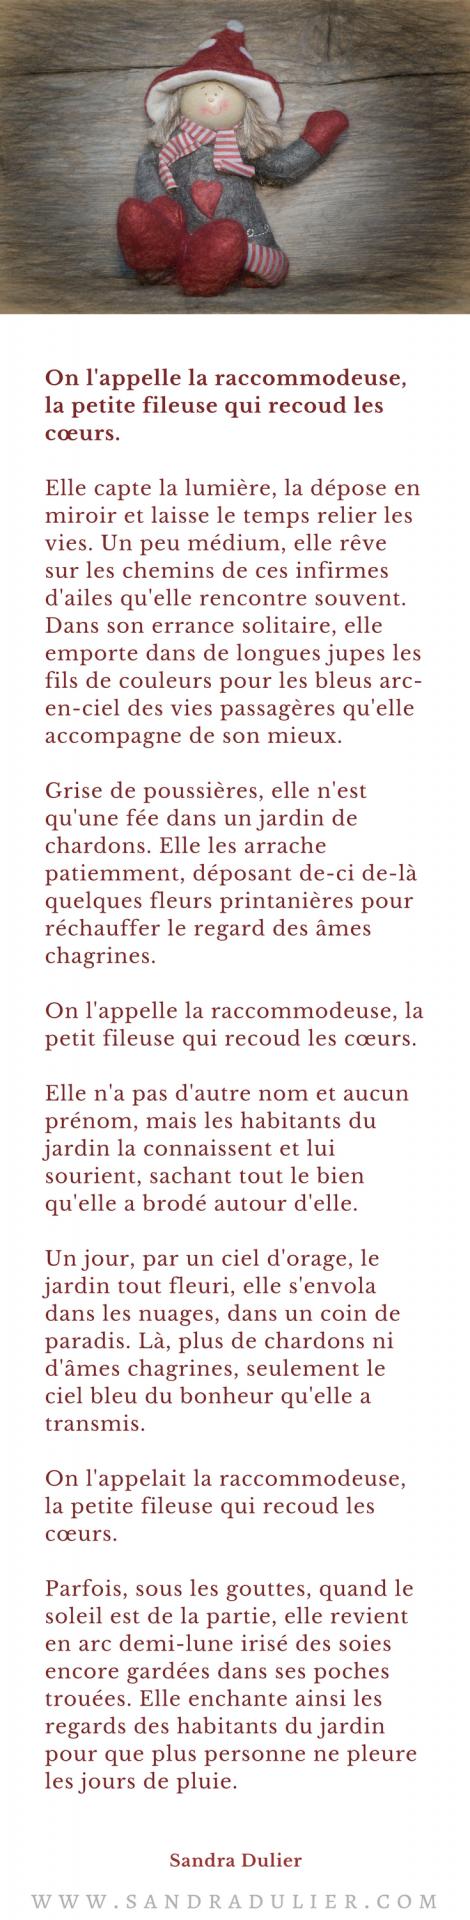 Conte - On l'appelle la raccommodeuse, la petite fileuse qui recoud les cœurs -  Sandra Dulier - poupée de Noël - lutin de Noël - rouge - gris.